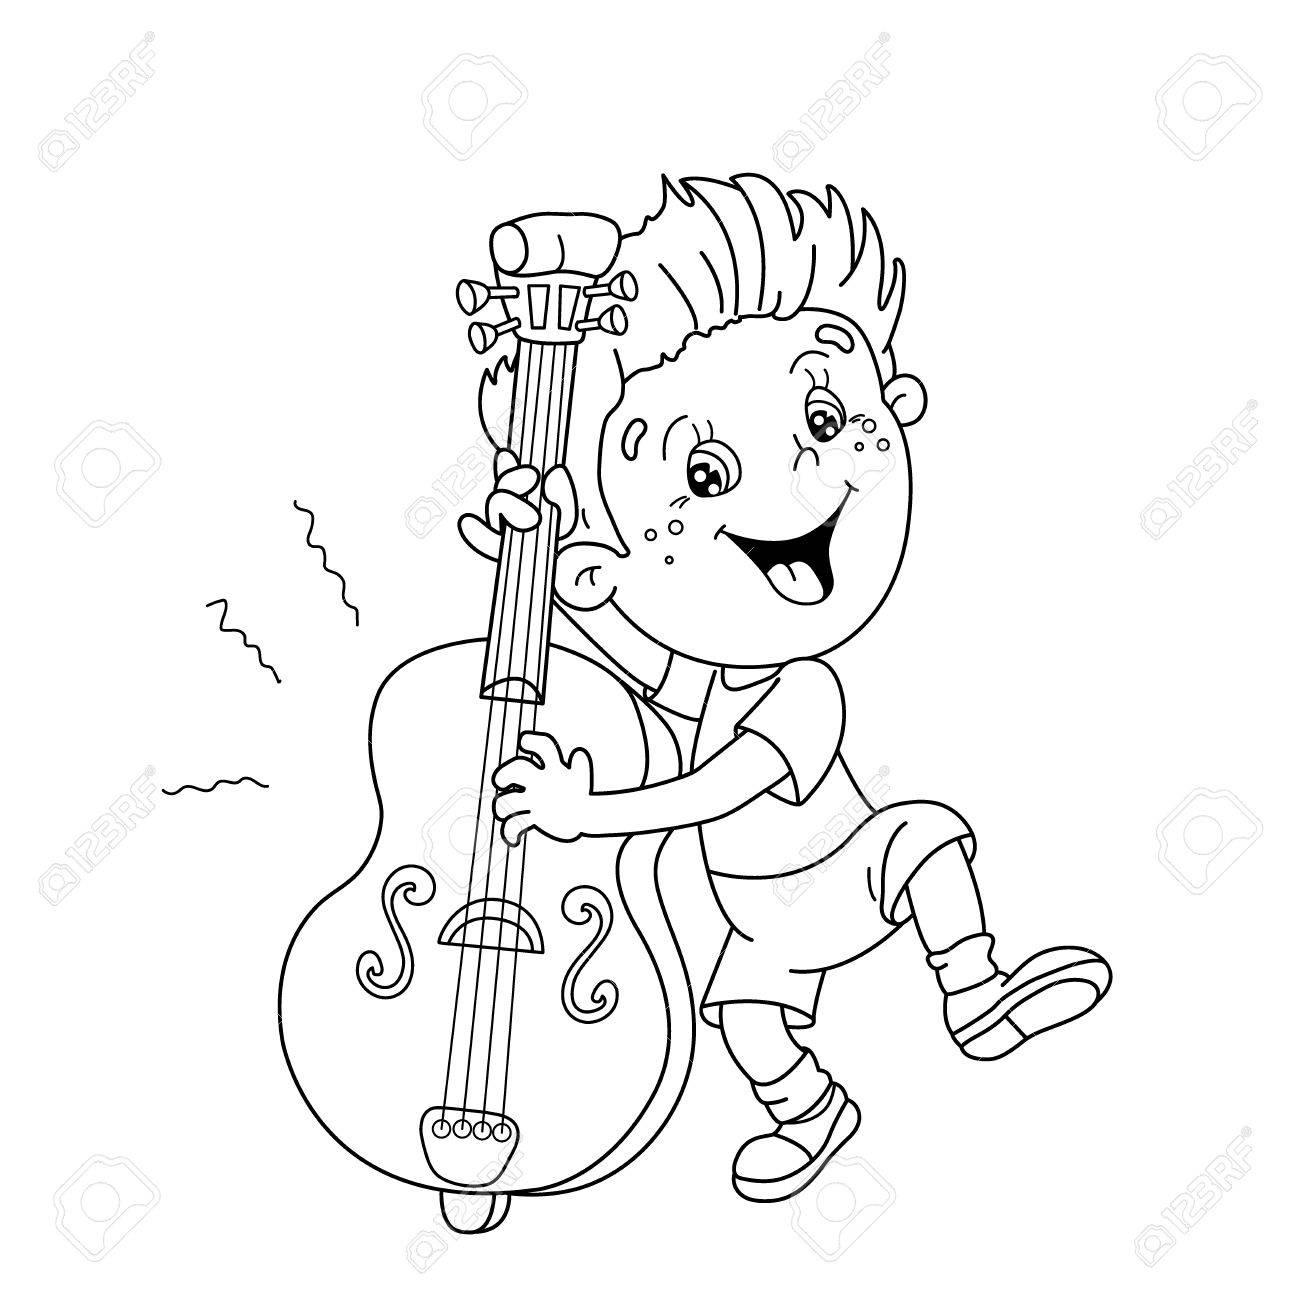 Página Para Colorear Esquema De Niño De Dibujos Animados A Tocar El Violonchelo Instrumentos Musicales Libro De Colorear Para Niños